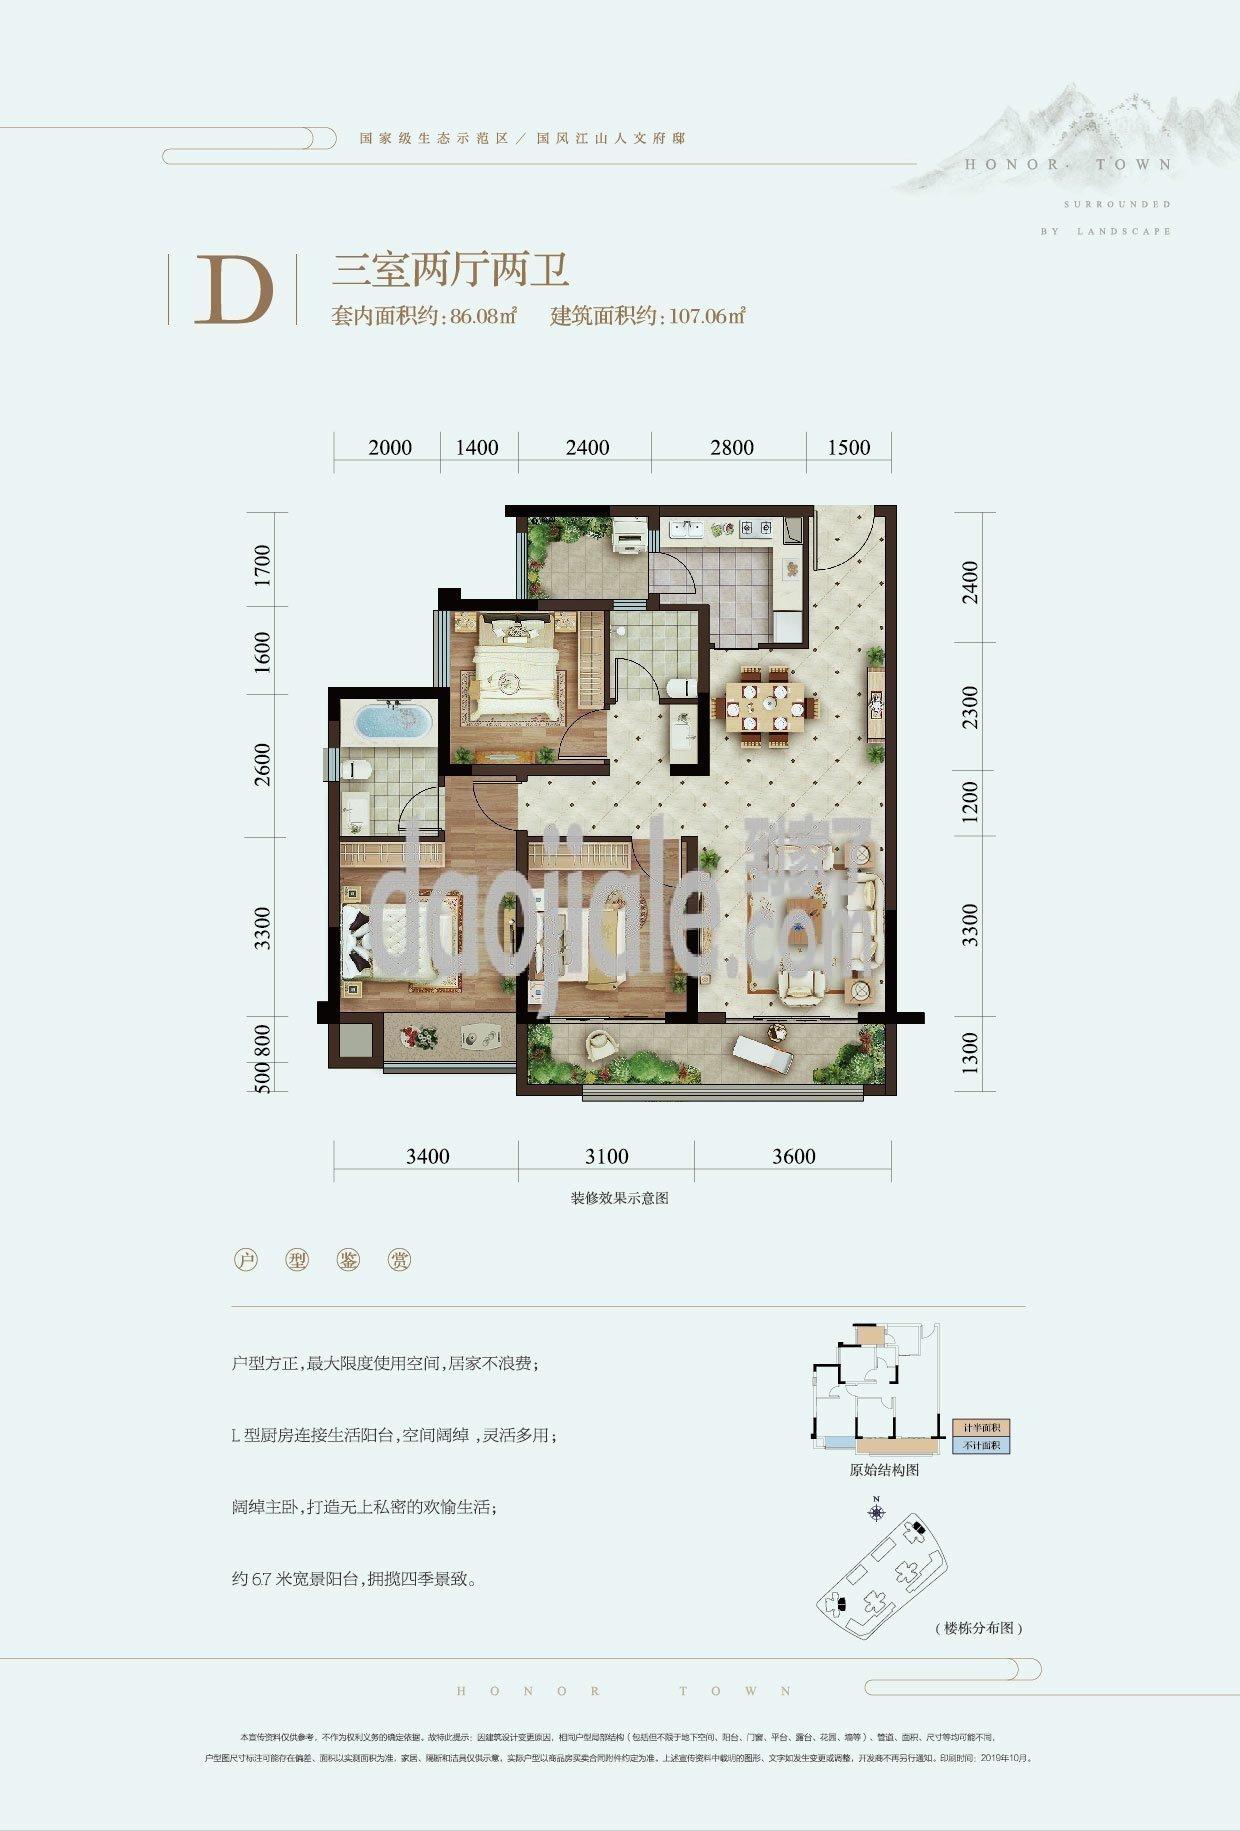 渝北区悦来北京城建龙樾生态城新房高层D户型户型图